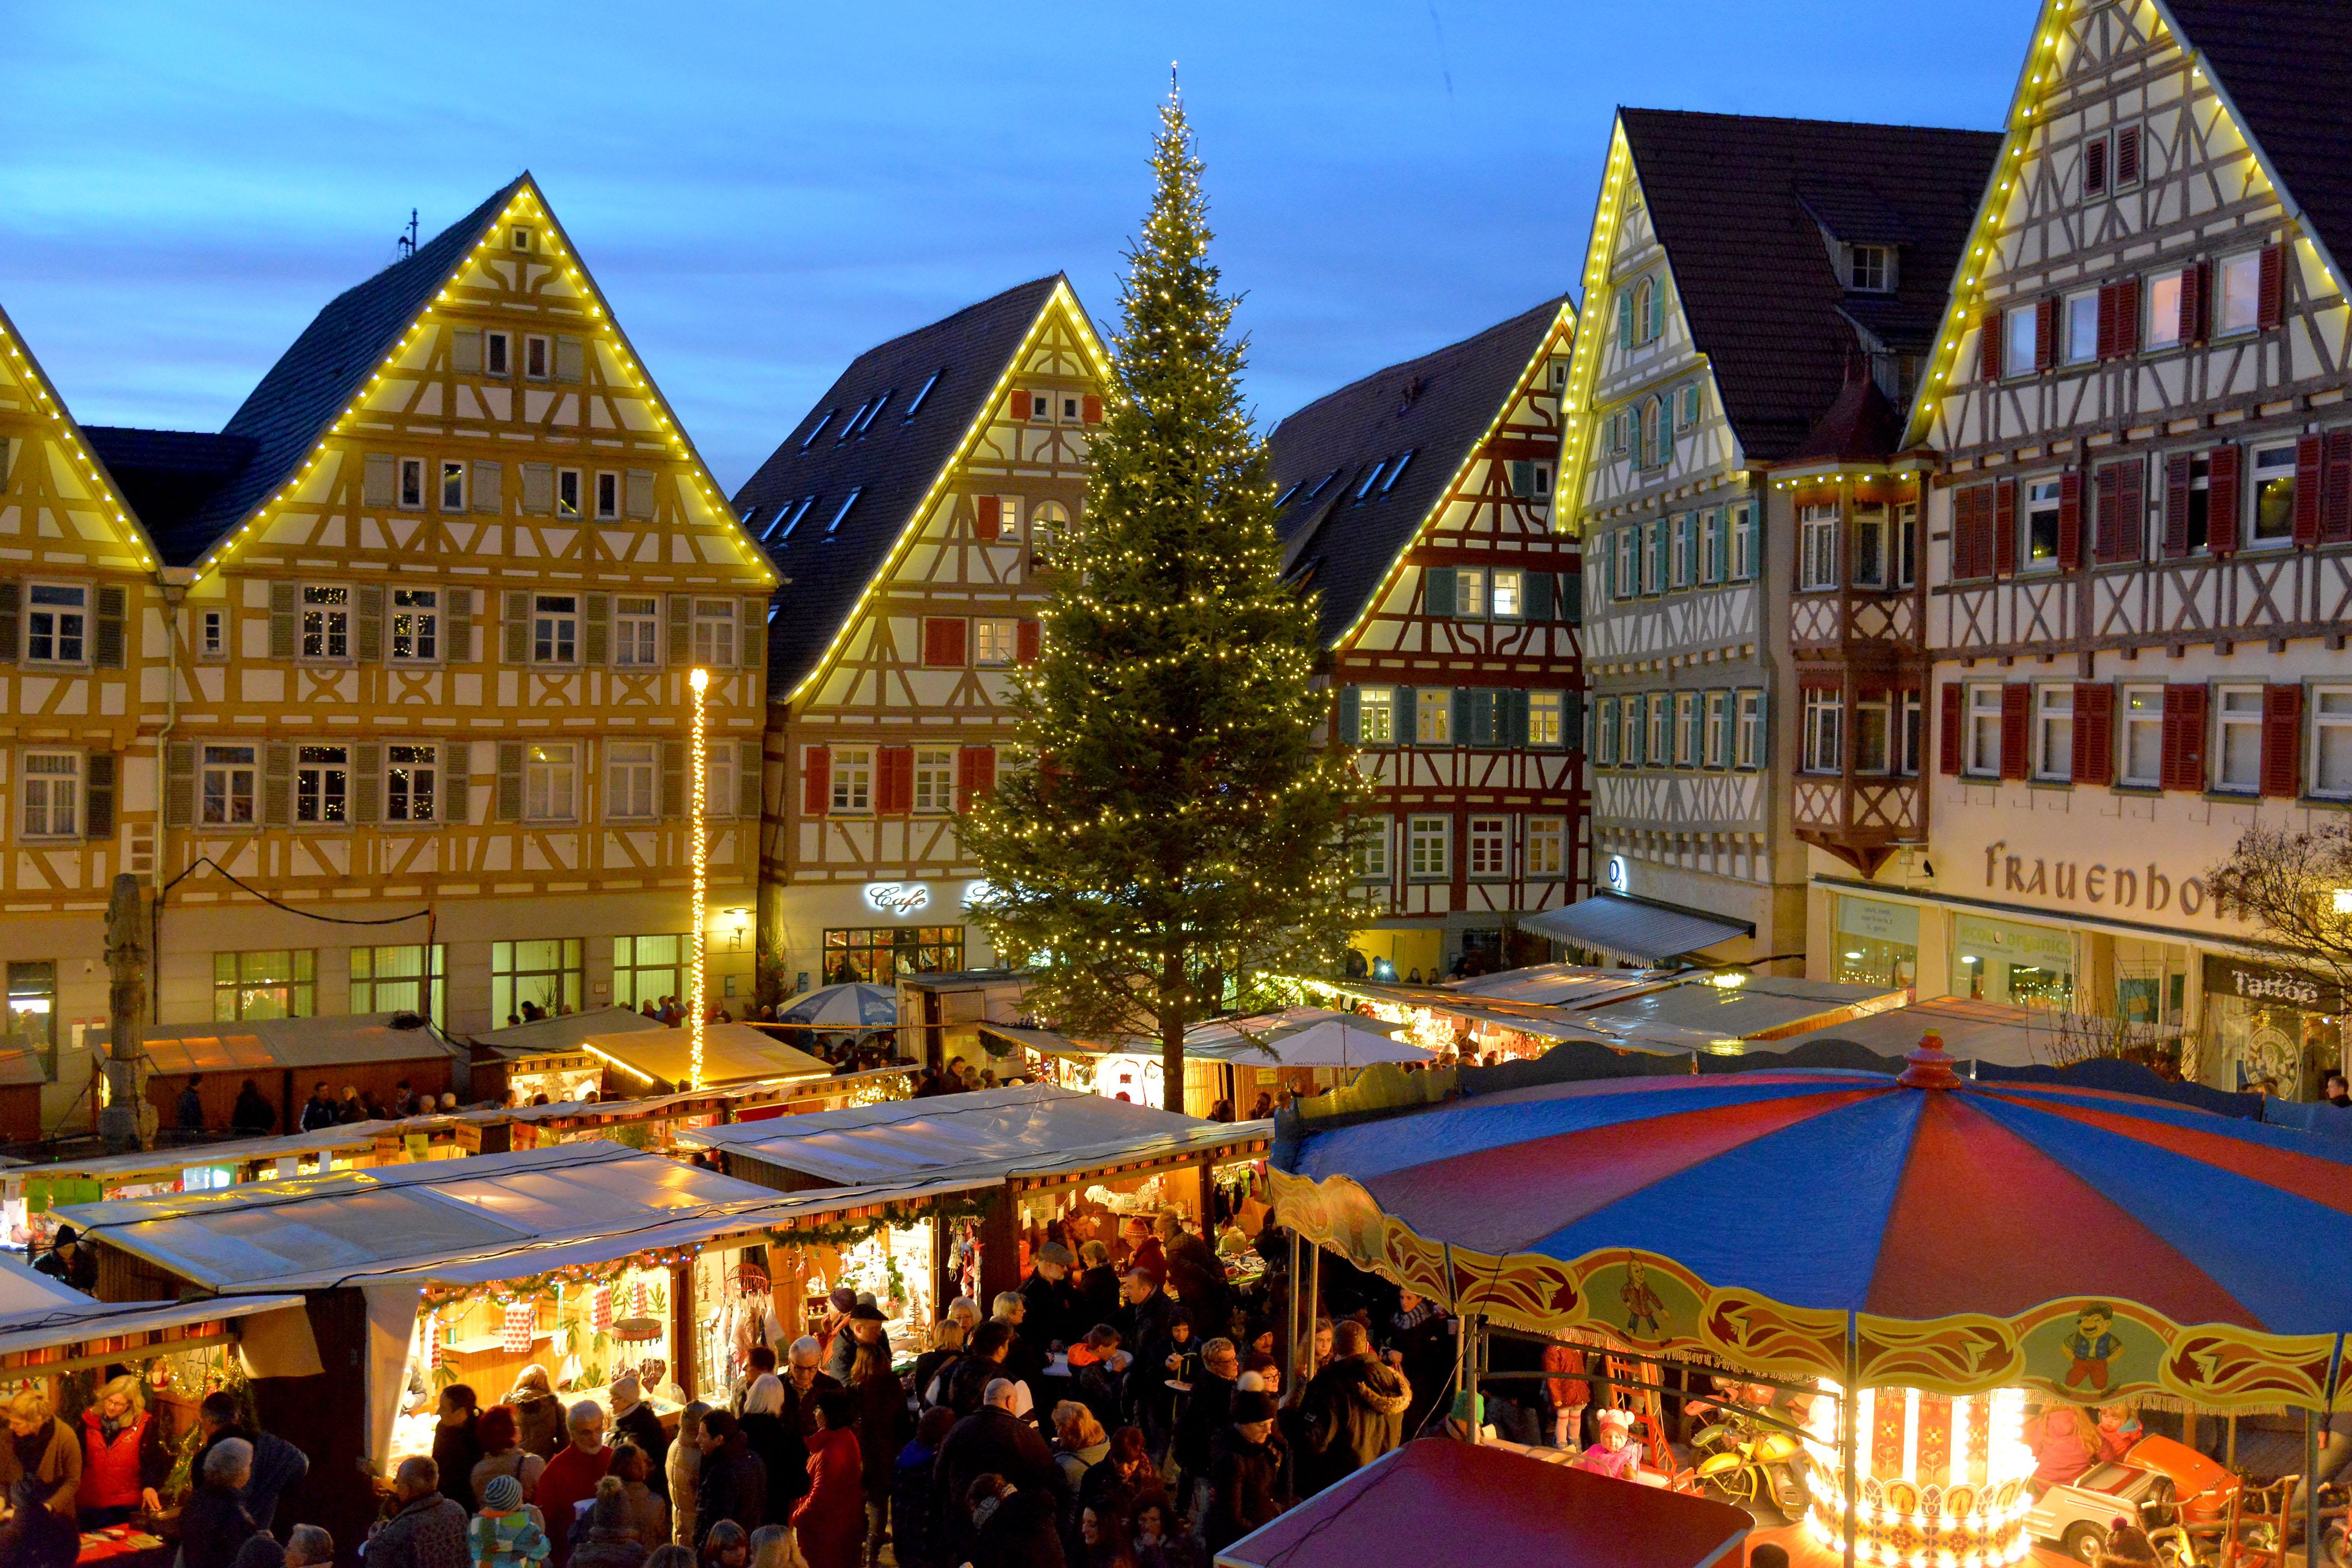 Weihnachtsmarkt in Herrenberg / Foto: Holom